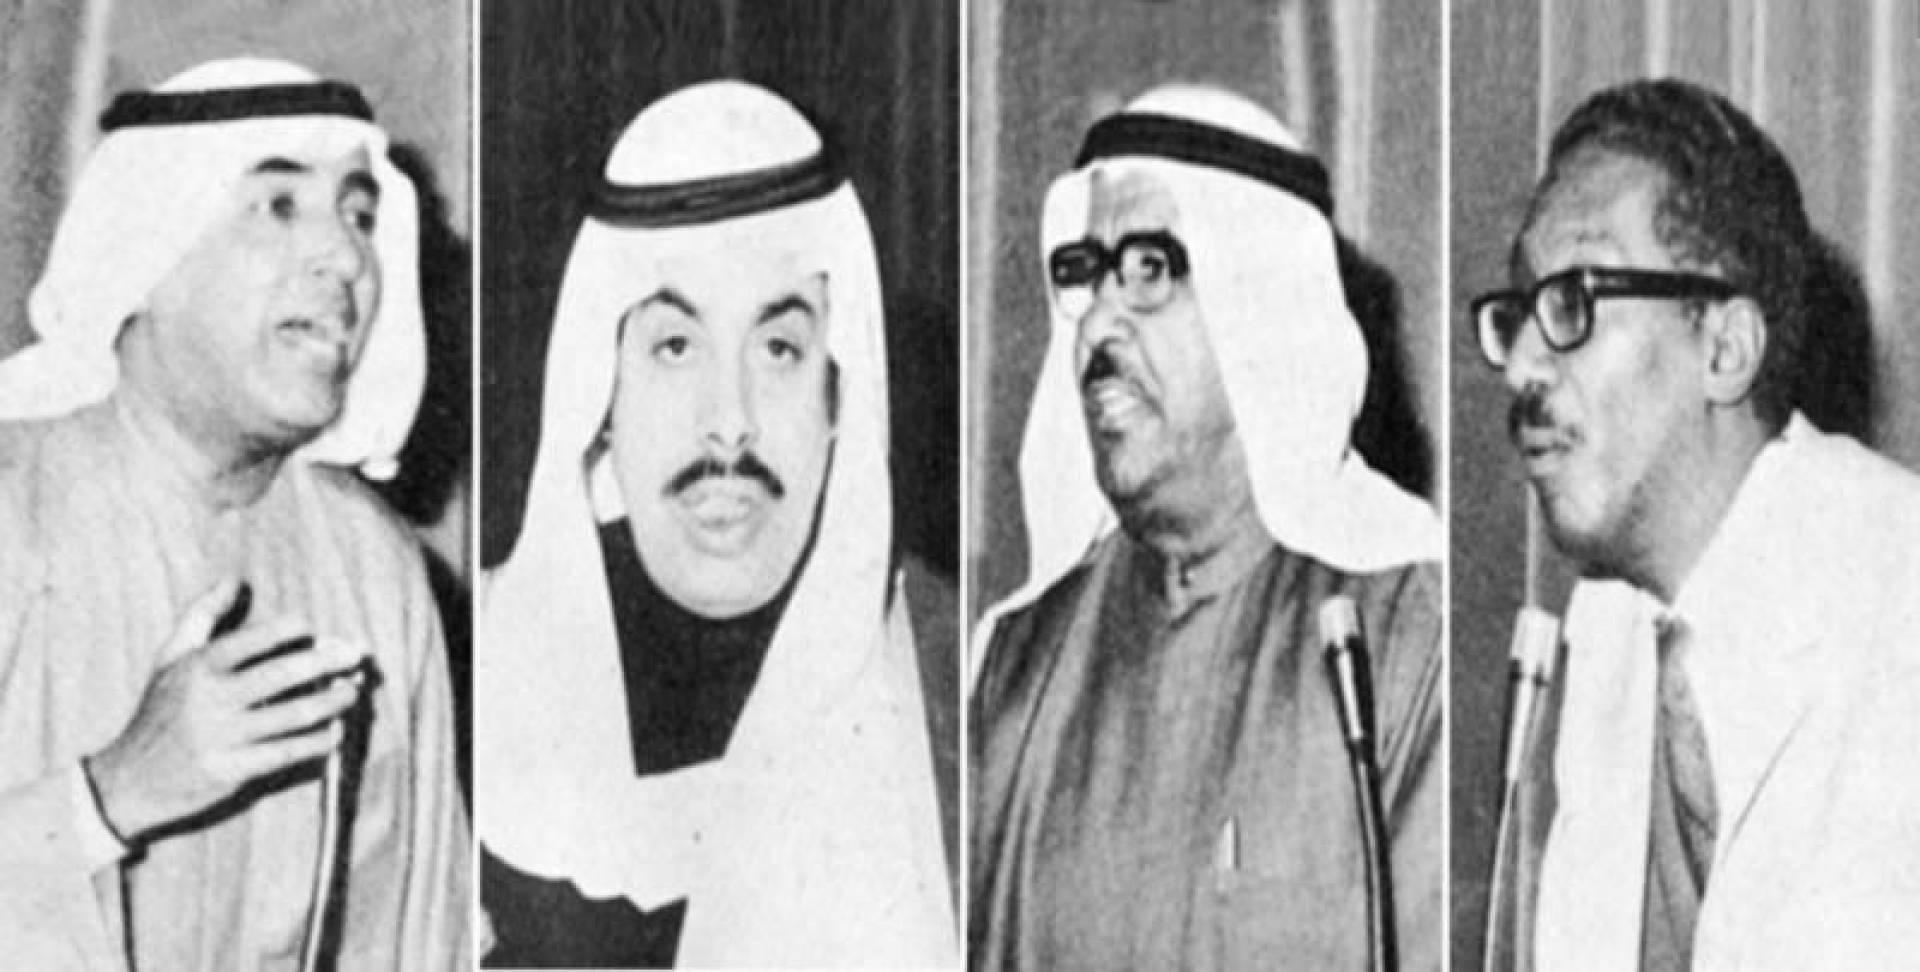 من اليمن د. أحمد الخطيب ومحمد الرشيد وحمد مبارك العيار ثم مبارك الحساوي